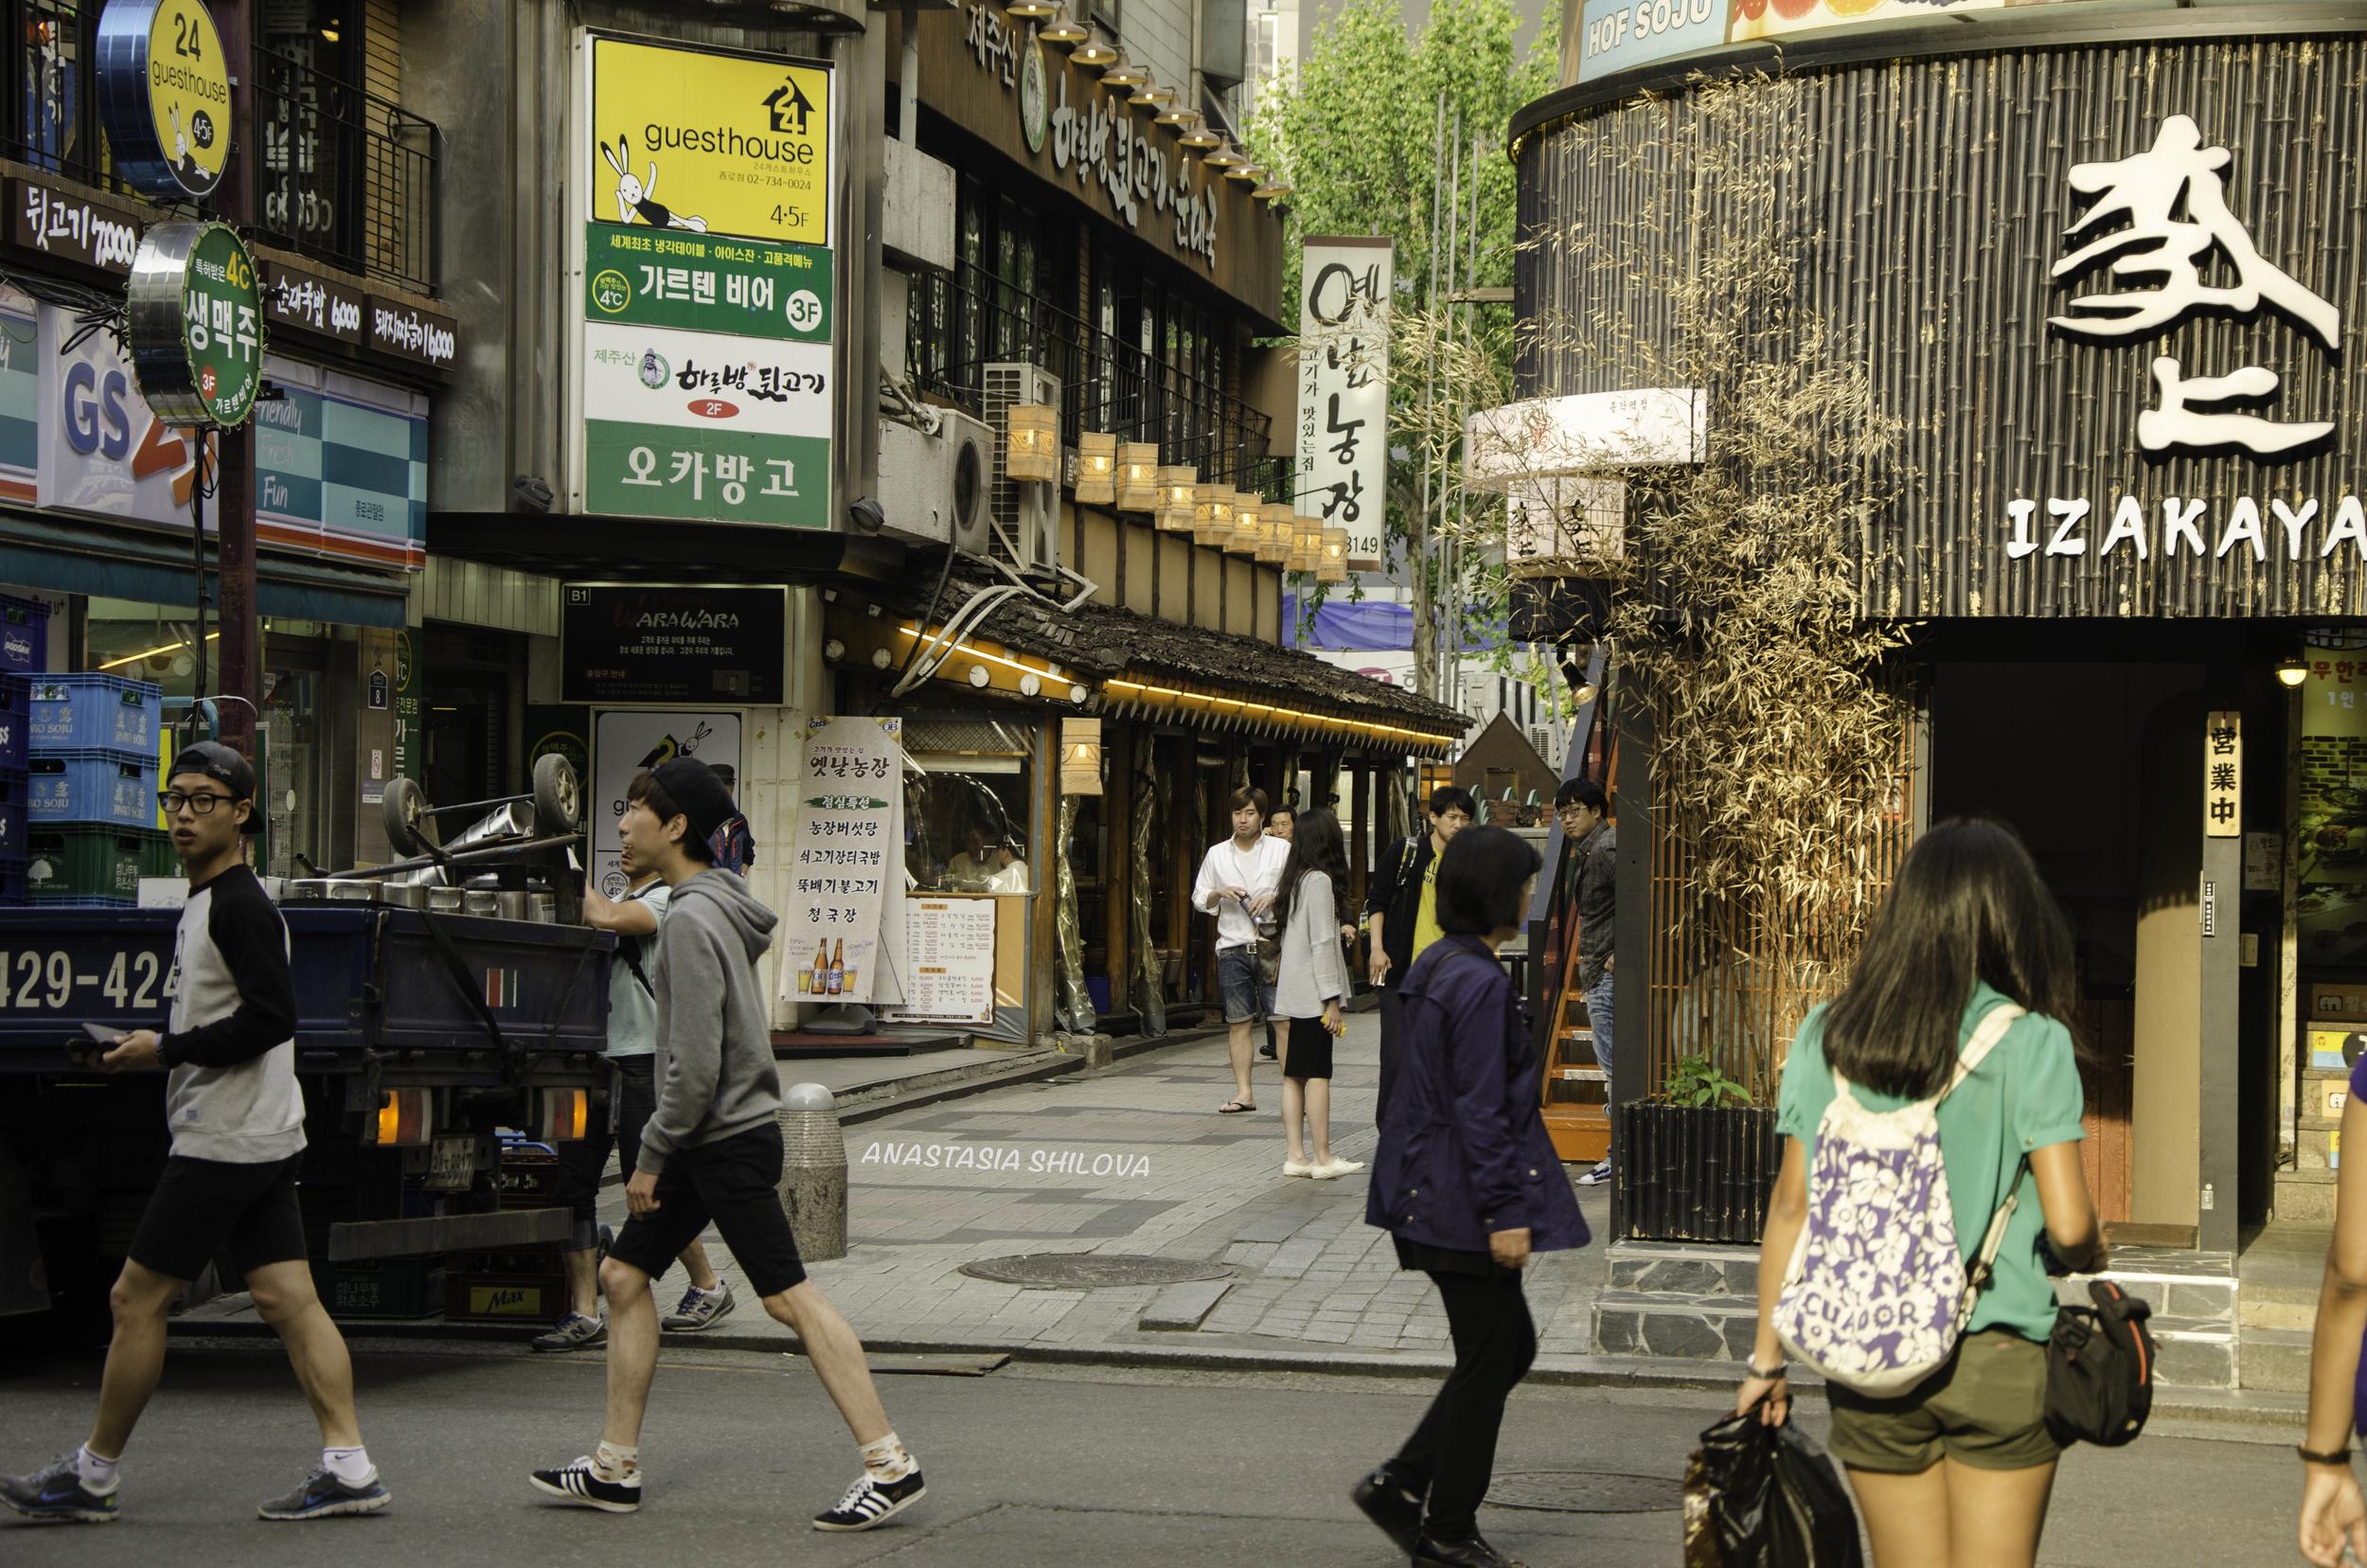 Tourist area of Seoul